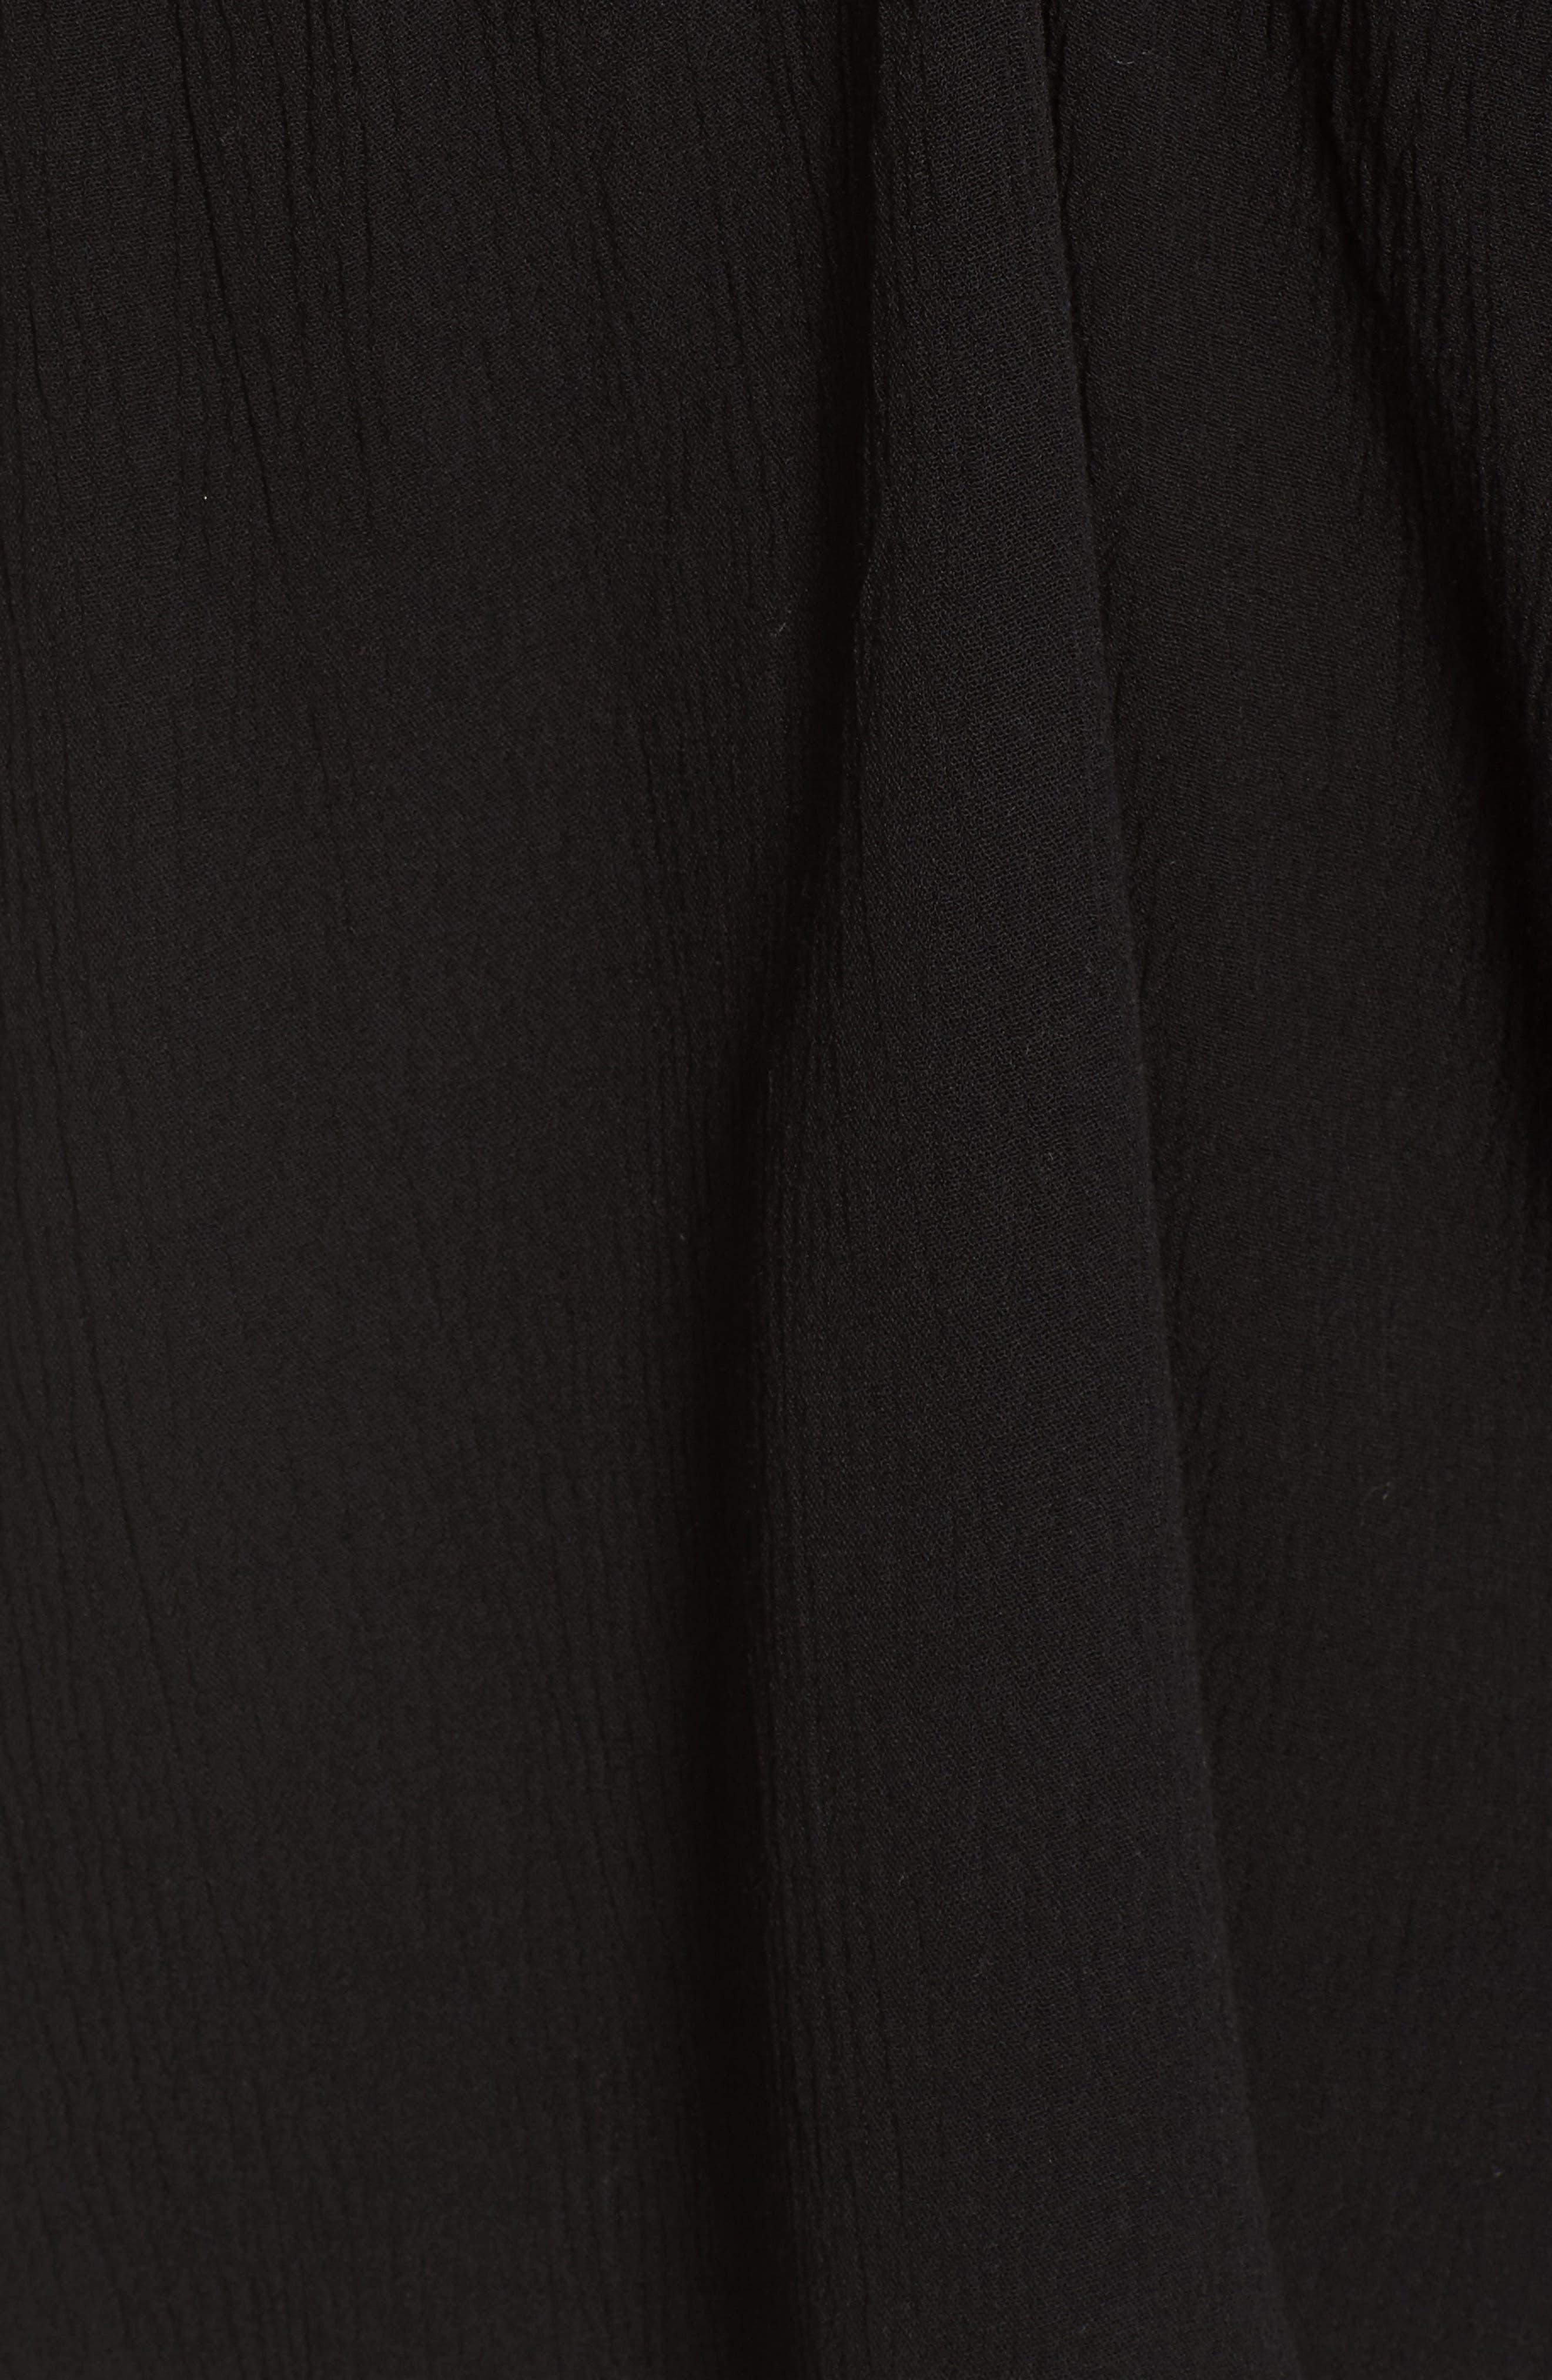 Misha Lacy Tie Neck Top,                             Alternate thumbnail 5, color,                             001